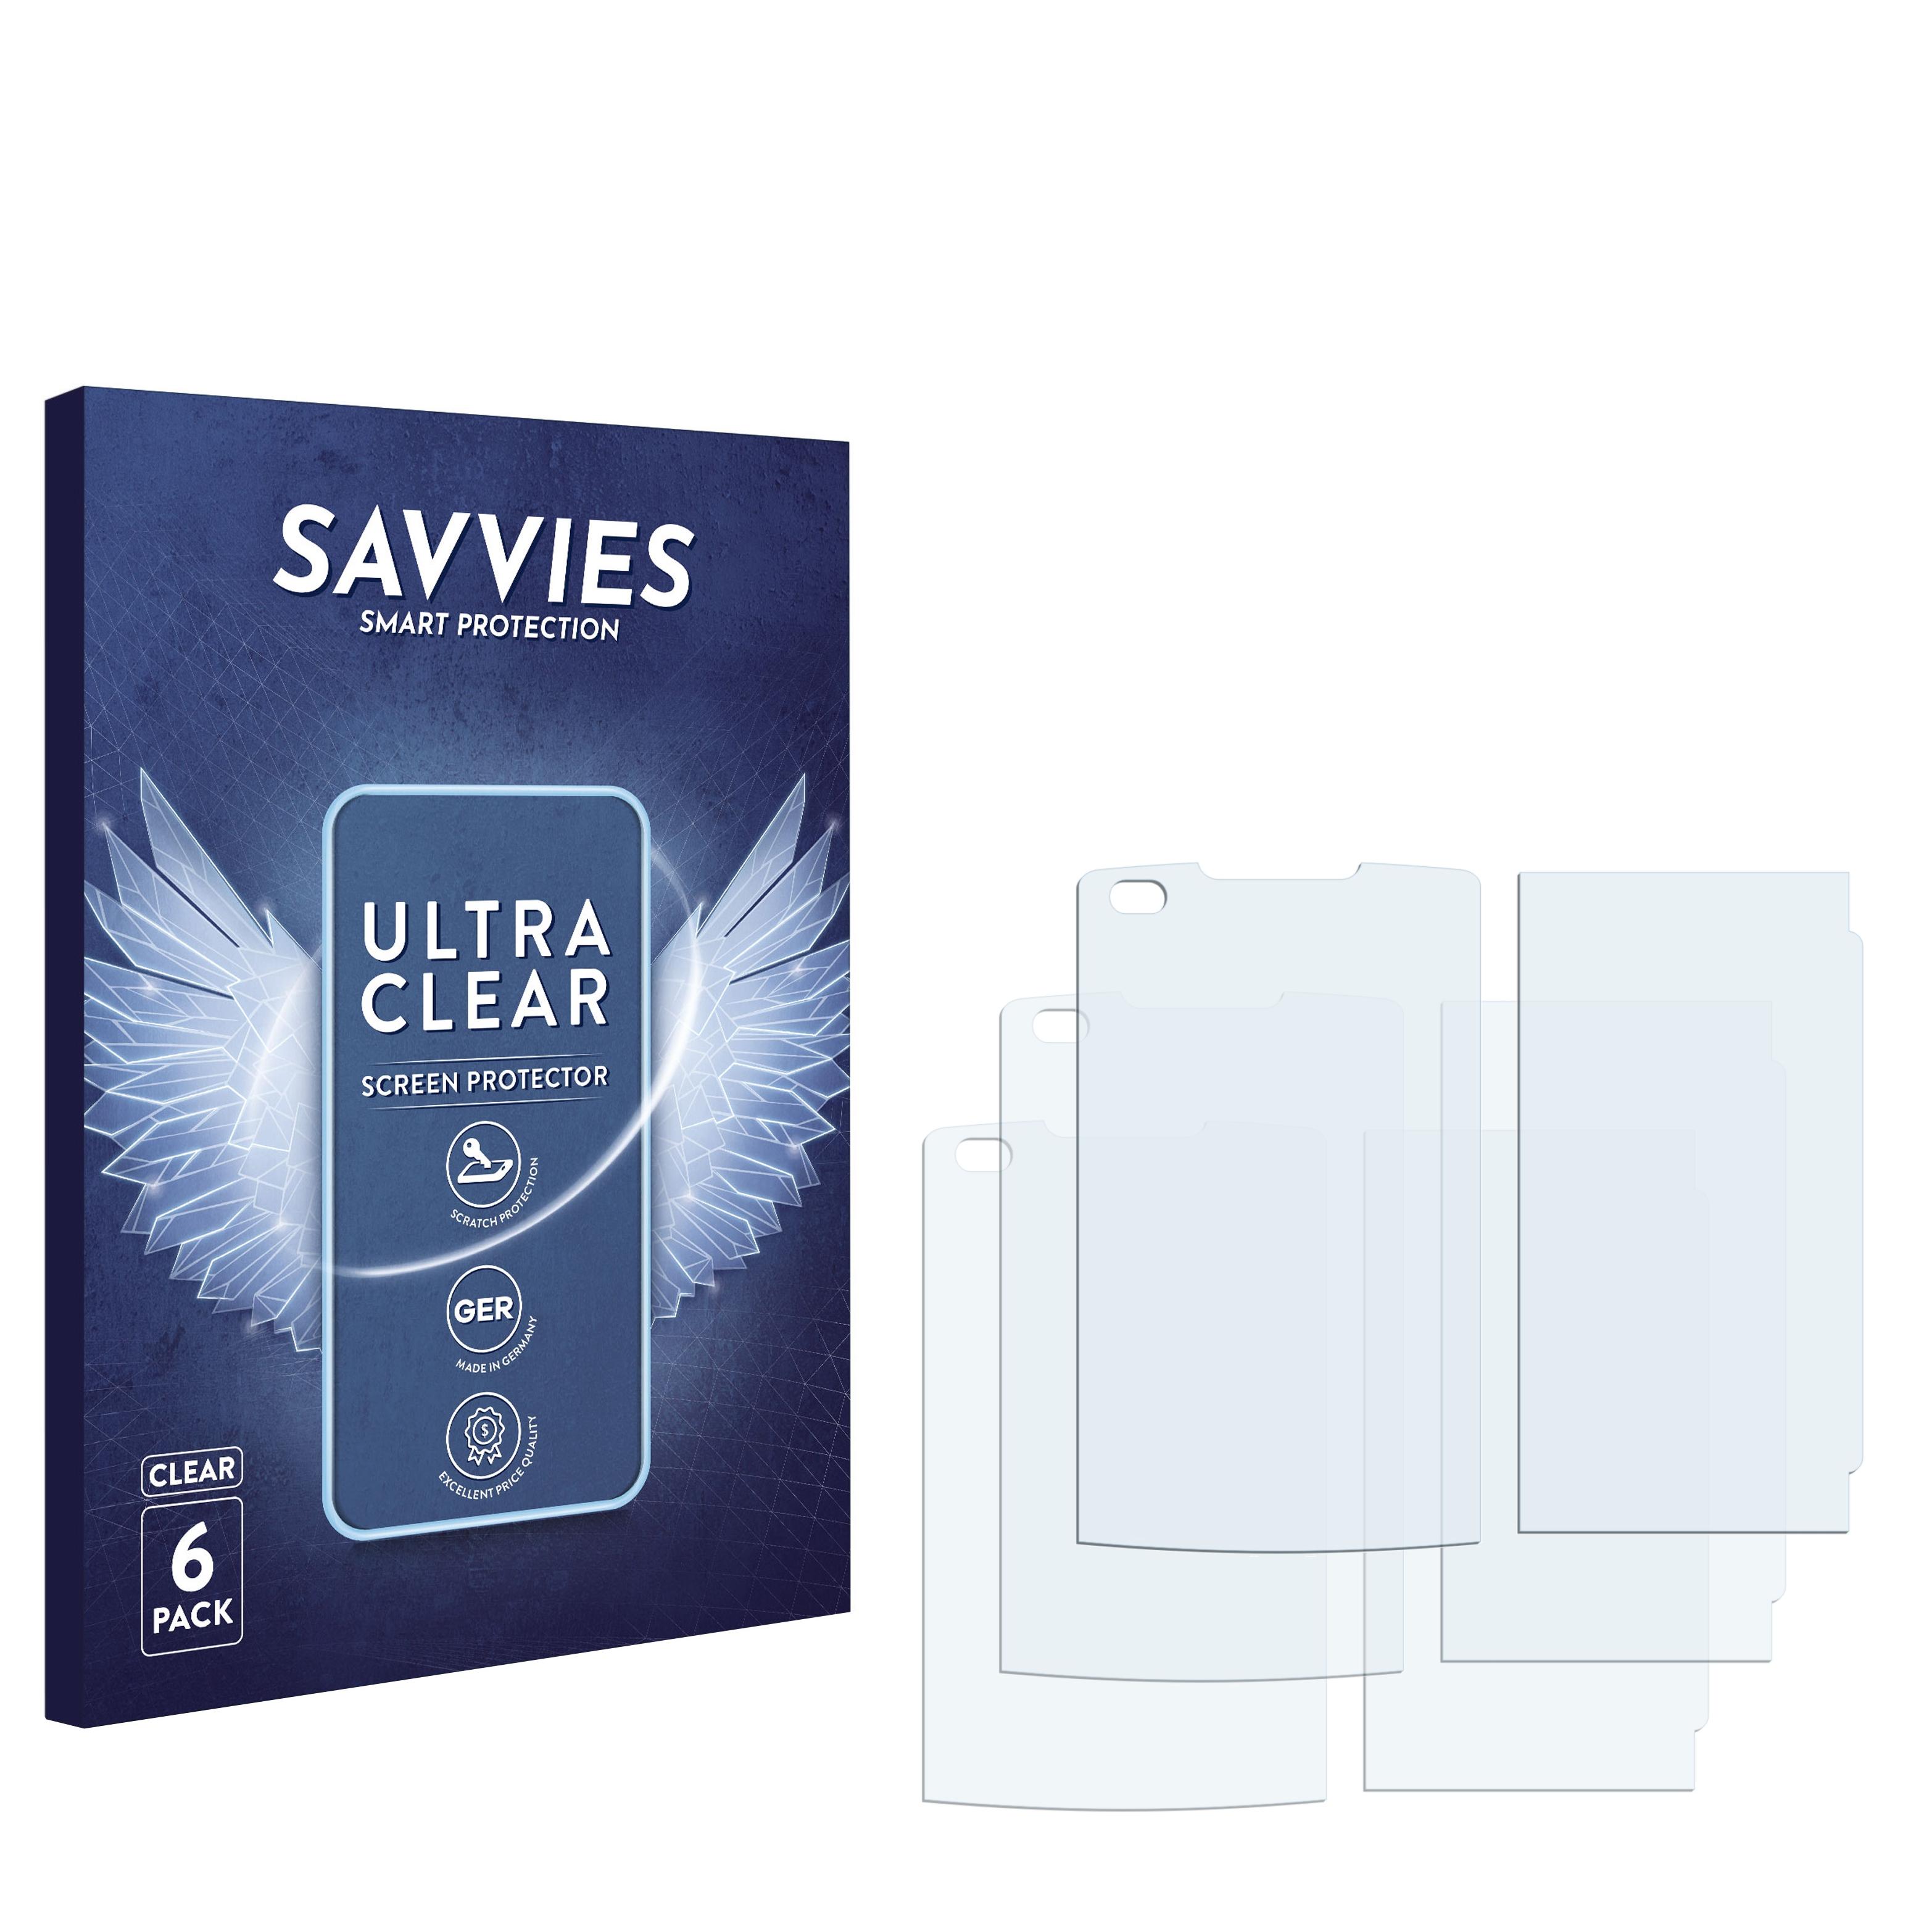 6x Savvies SU75 čirá ochranná fólie pro LG Electronics VX-11000 enV Touch